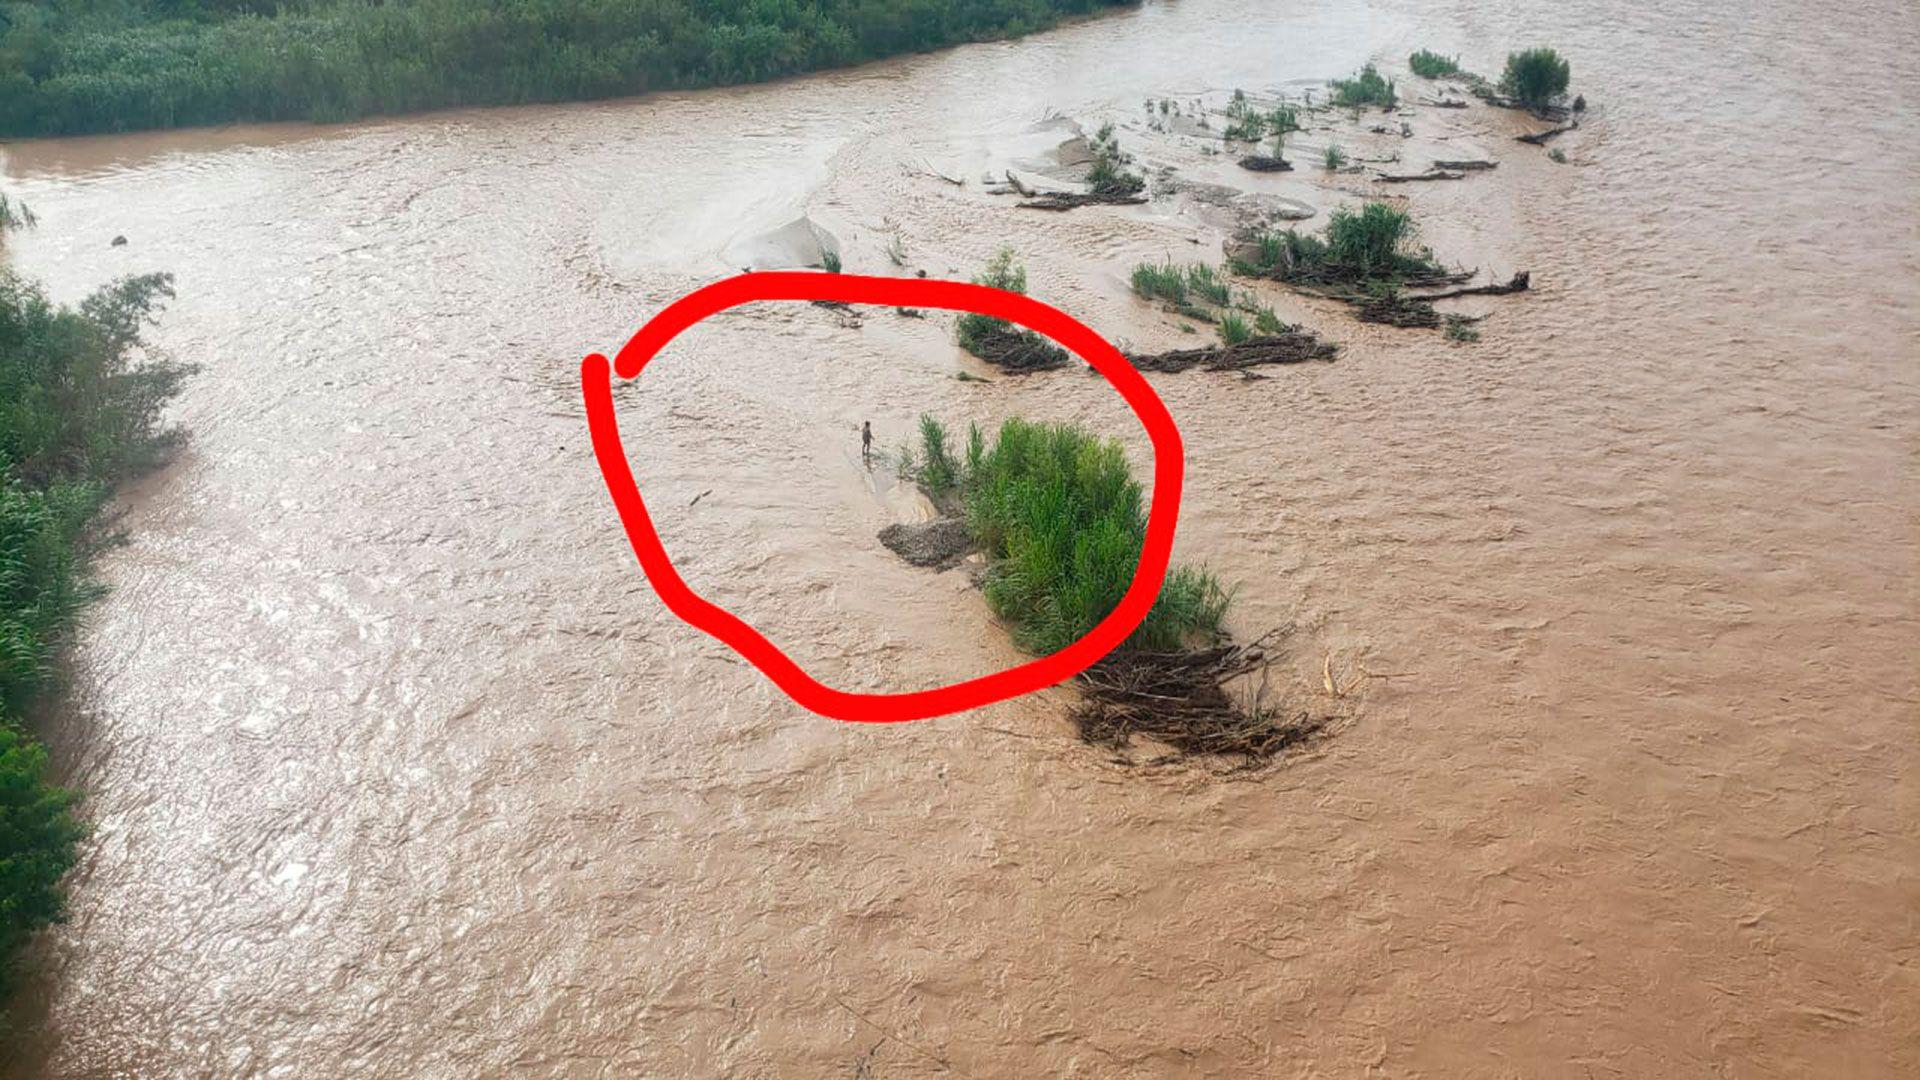 río Bermejo: se pinchó un gomón con unas 20 personas a bordo